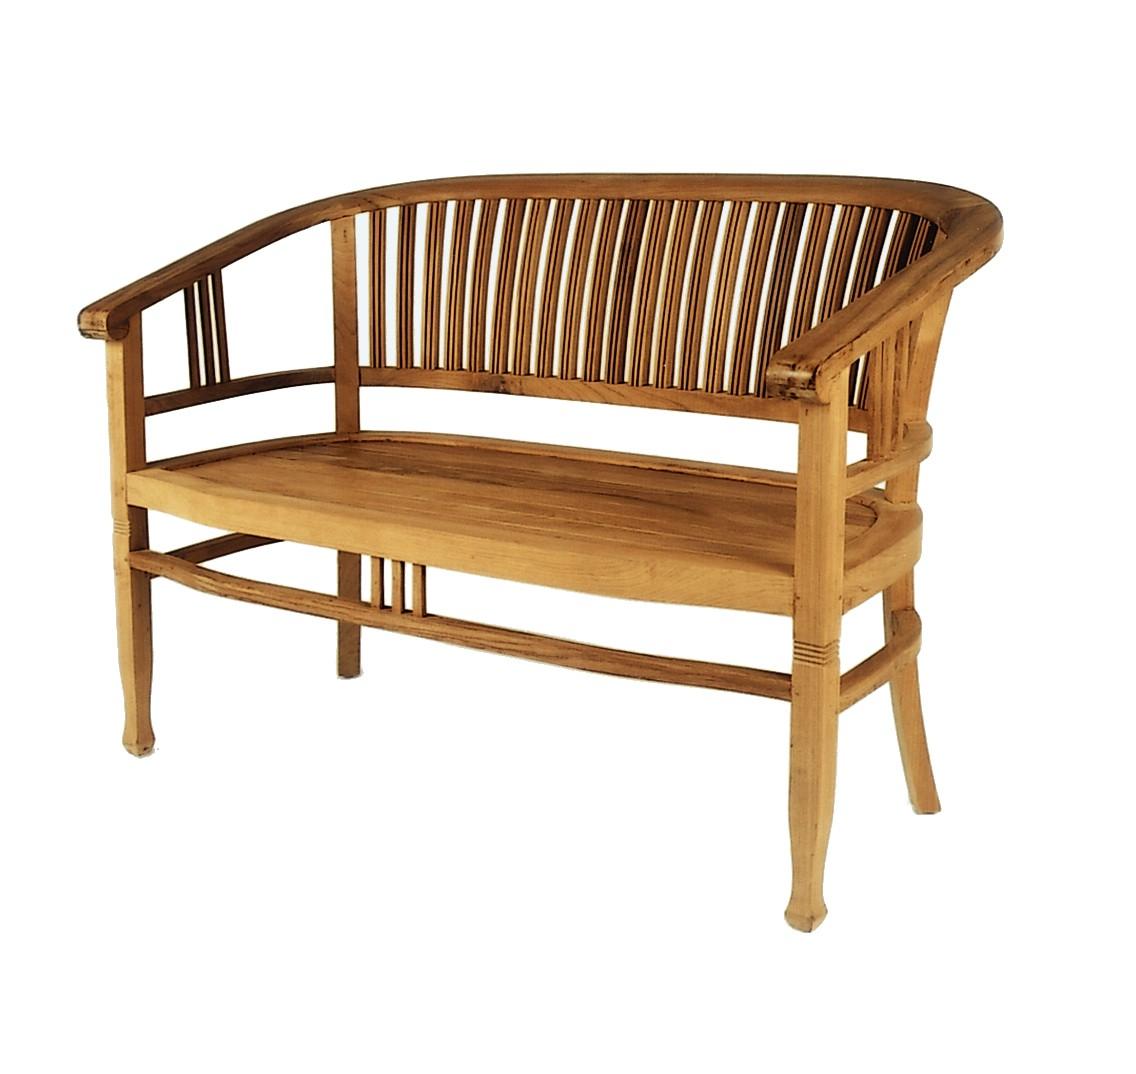 gartenbank holz produktsuche 191700 eine interessante idee f r die gestaltung. Black Bedroom Furniture Sets. Home Design Ideas